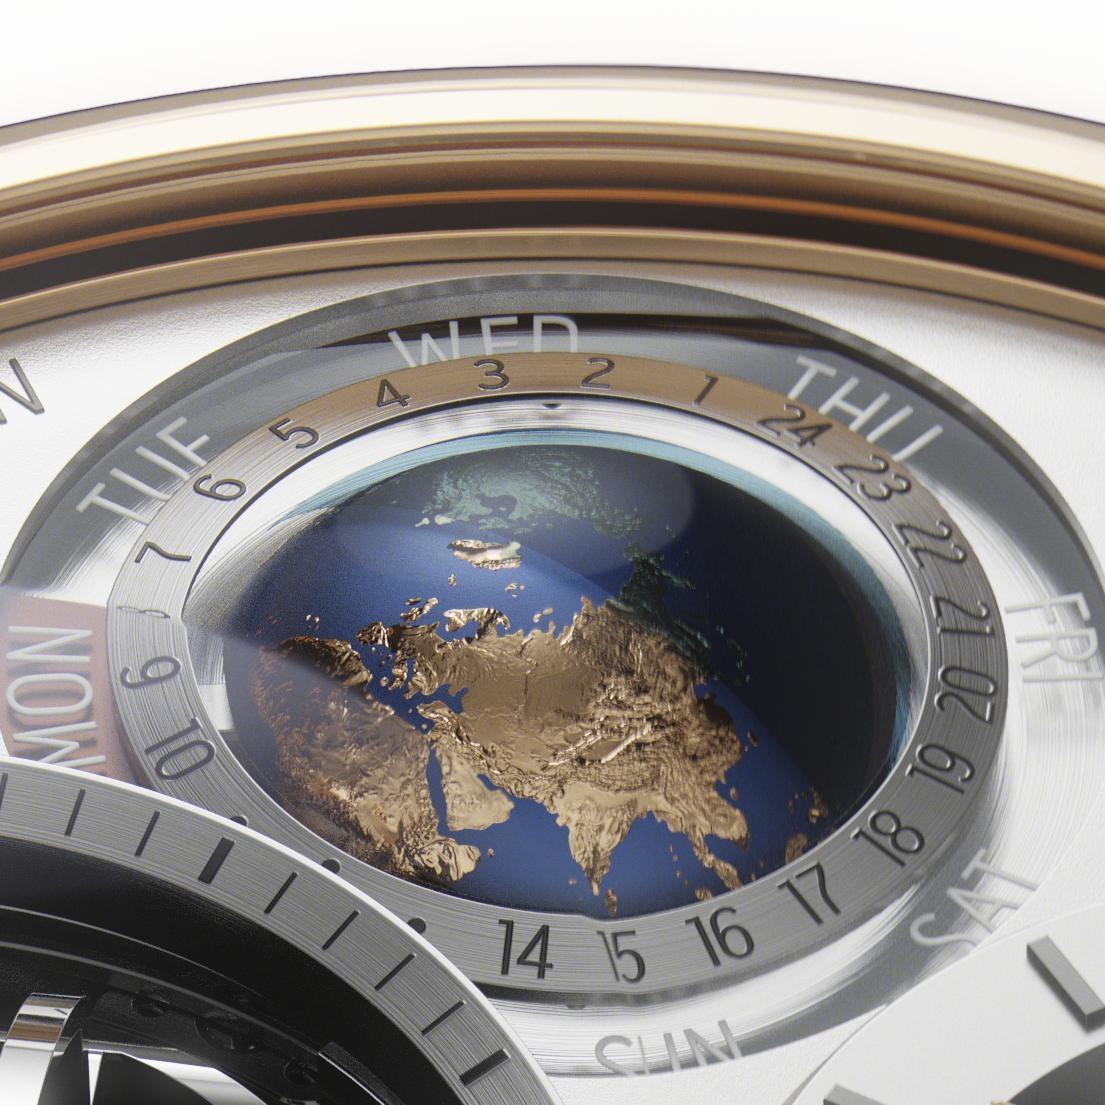 2021鐘錶與奇蹟 / 江詩丹頓Classic With A Twist「斜」讀百年 閣樓工匠探向宇宙